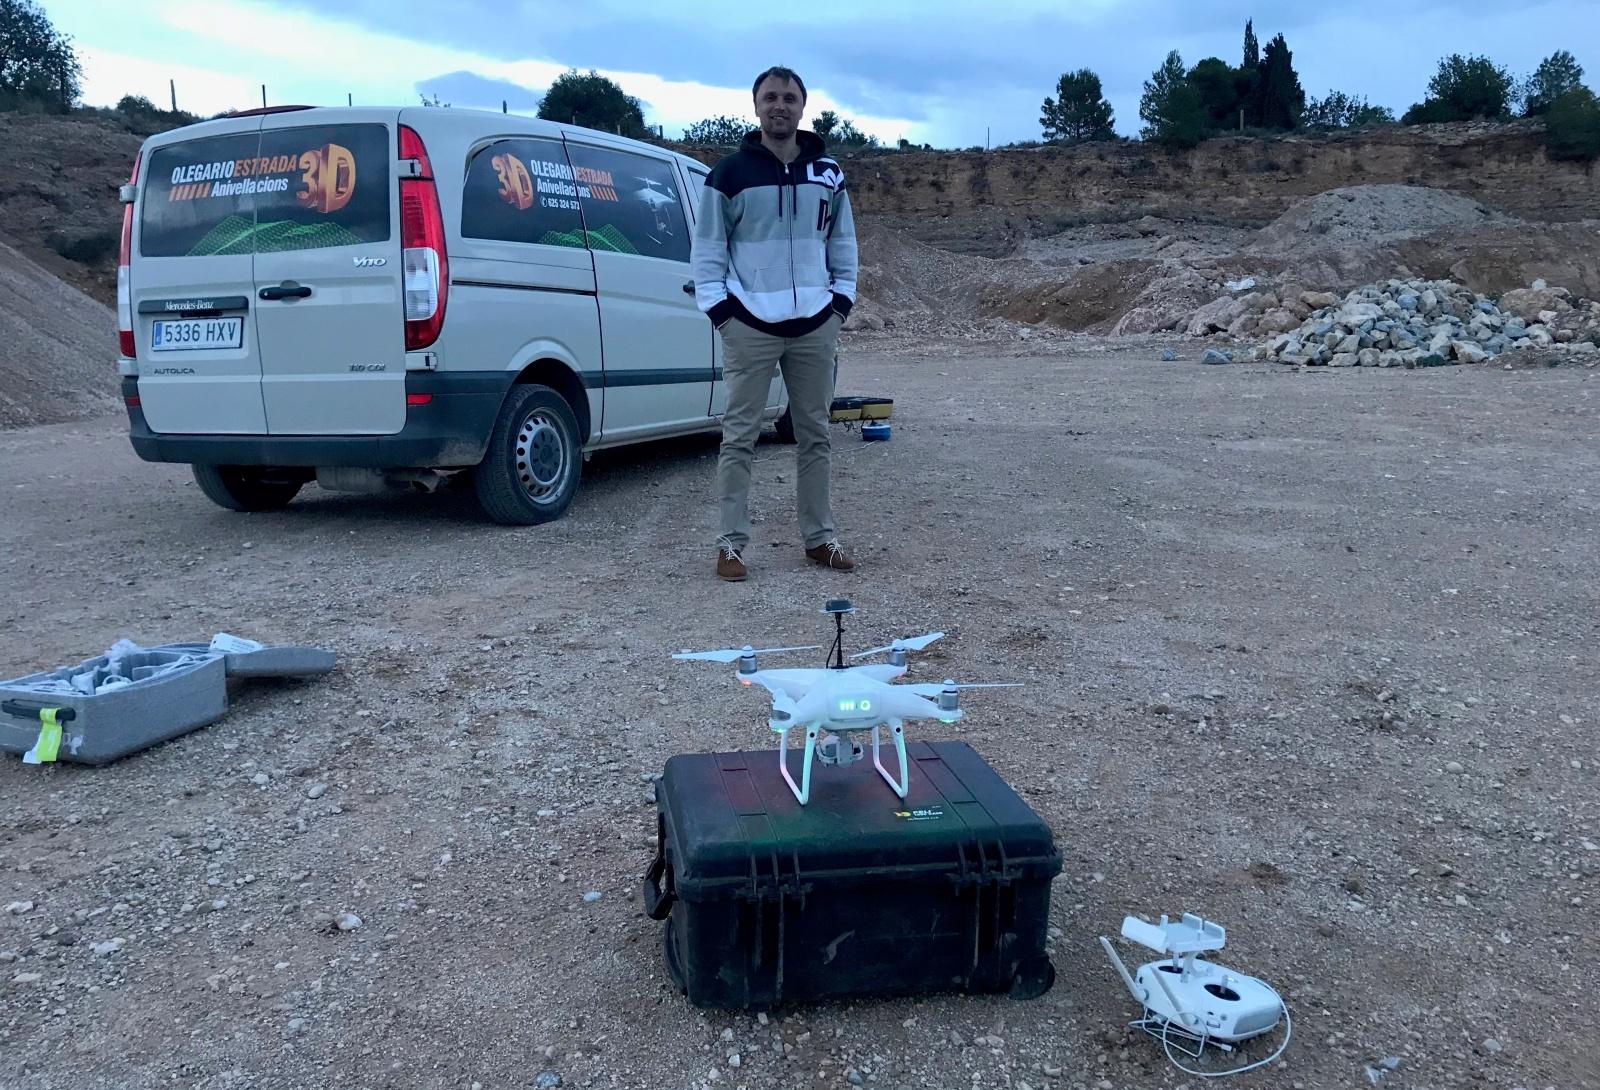 Применение перепиленных гражданских дронов для профессиональной геодезической аэрофотосъёмки местности - 1